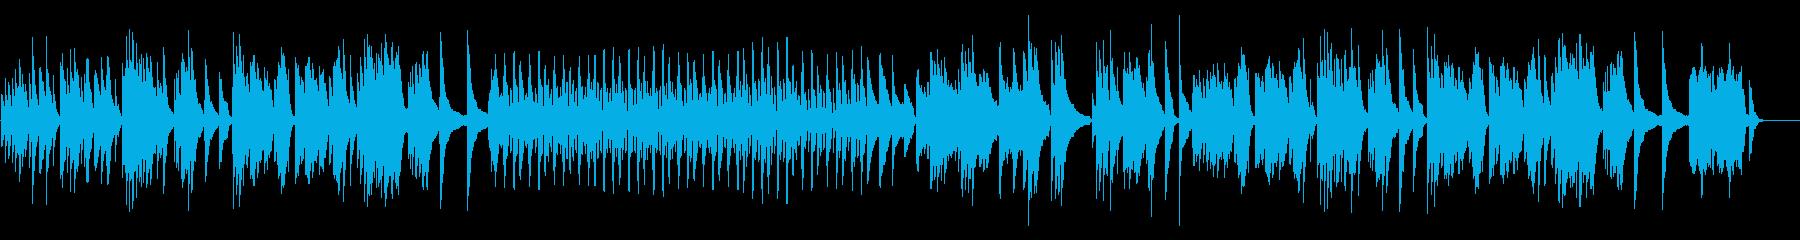 切ない・感動・心に響くピアノBGMの再生済みの波形